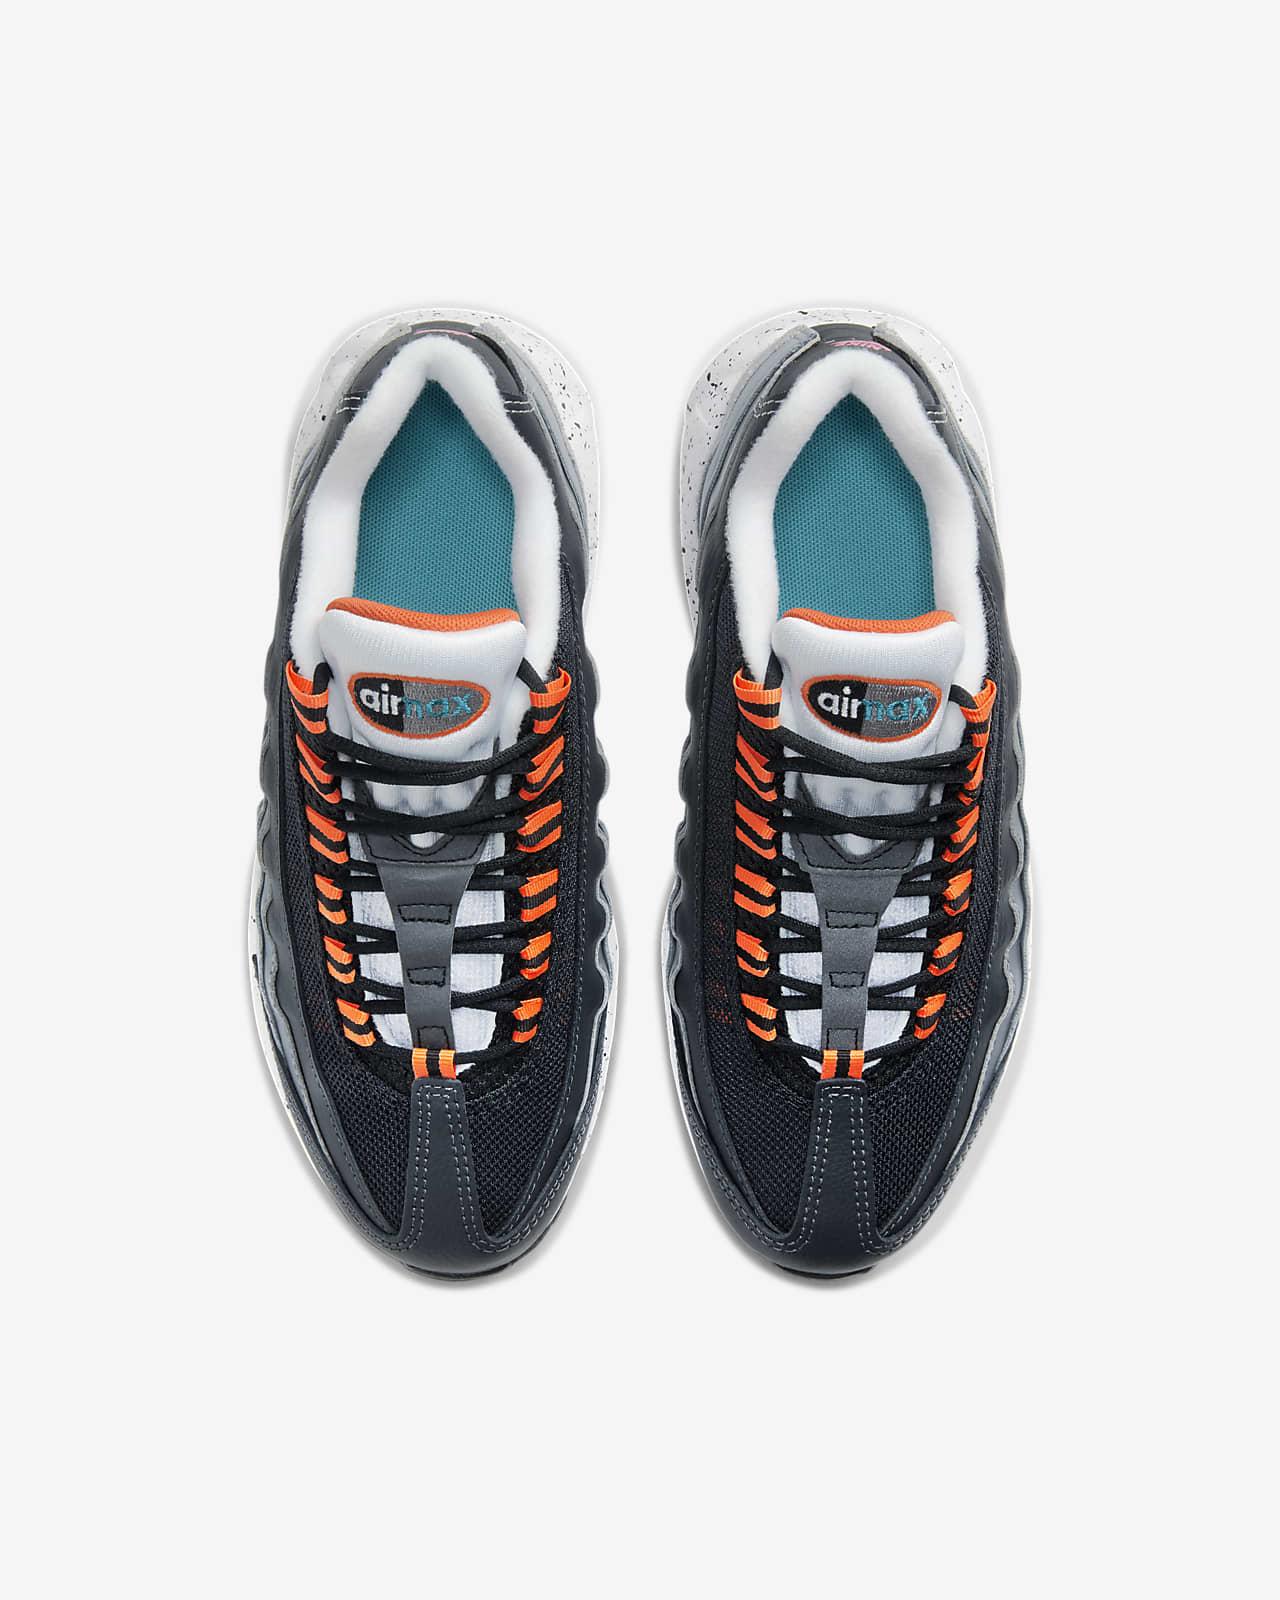 Chaussure Nike Air Max 95 Recraft pour Enfant plus âgé. Nike LU